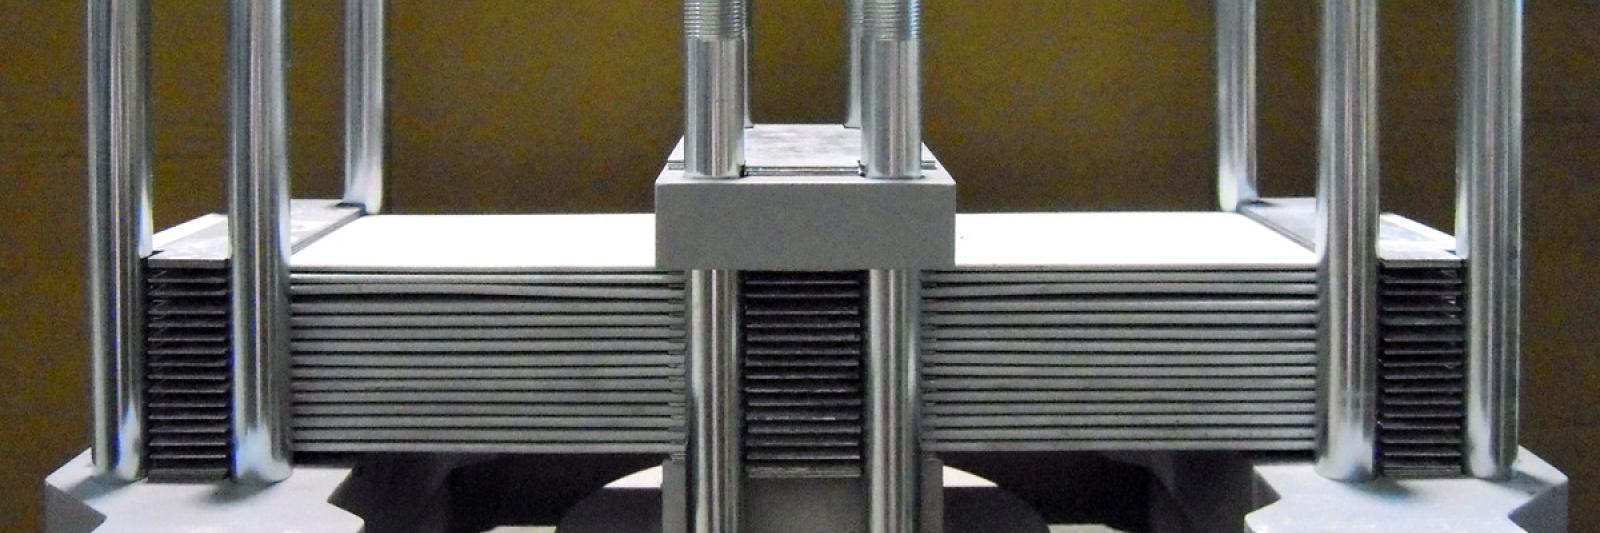 Für die weltweite Produktion der IFE Aufbereitungstechnik GmbH strahlt und verzinkt das Unternehmen Rudolf Rengshausen bereits seit den 60er Jahren Blattfedern für Rüttelmaschinen. (Fotos mit freundlicher Genehmigung zur Verfügung gestellt von IFE Aufbereitungstechnik GmbH.)